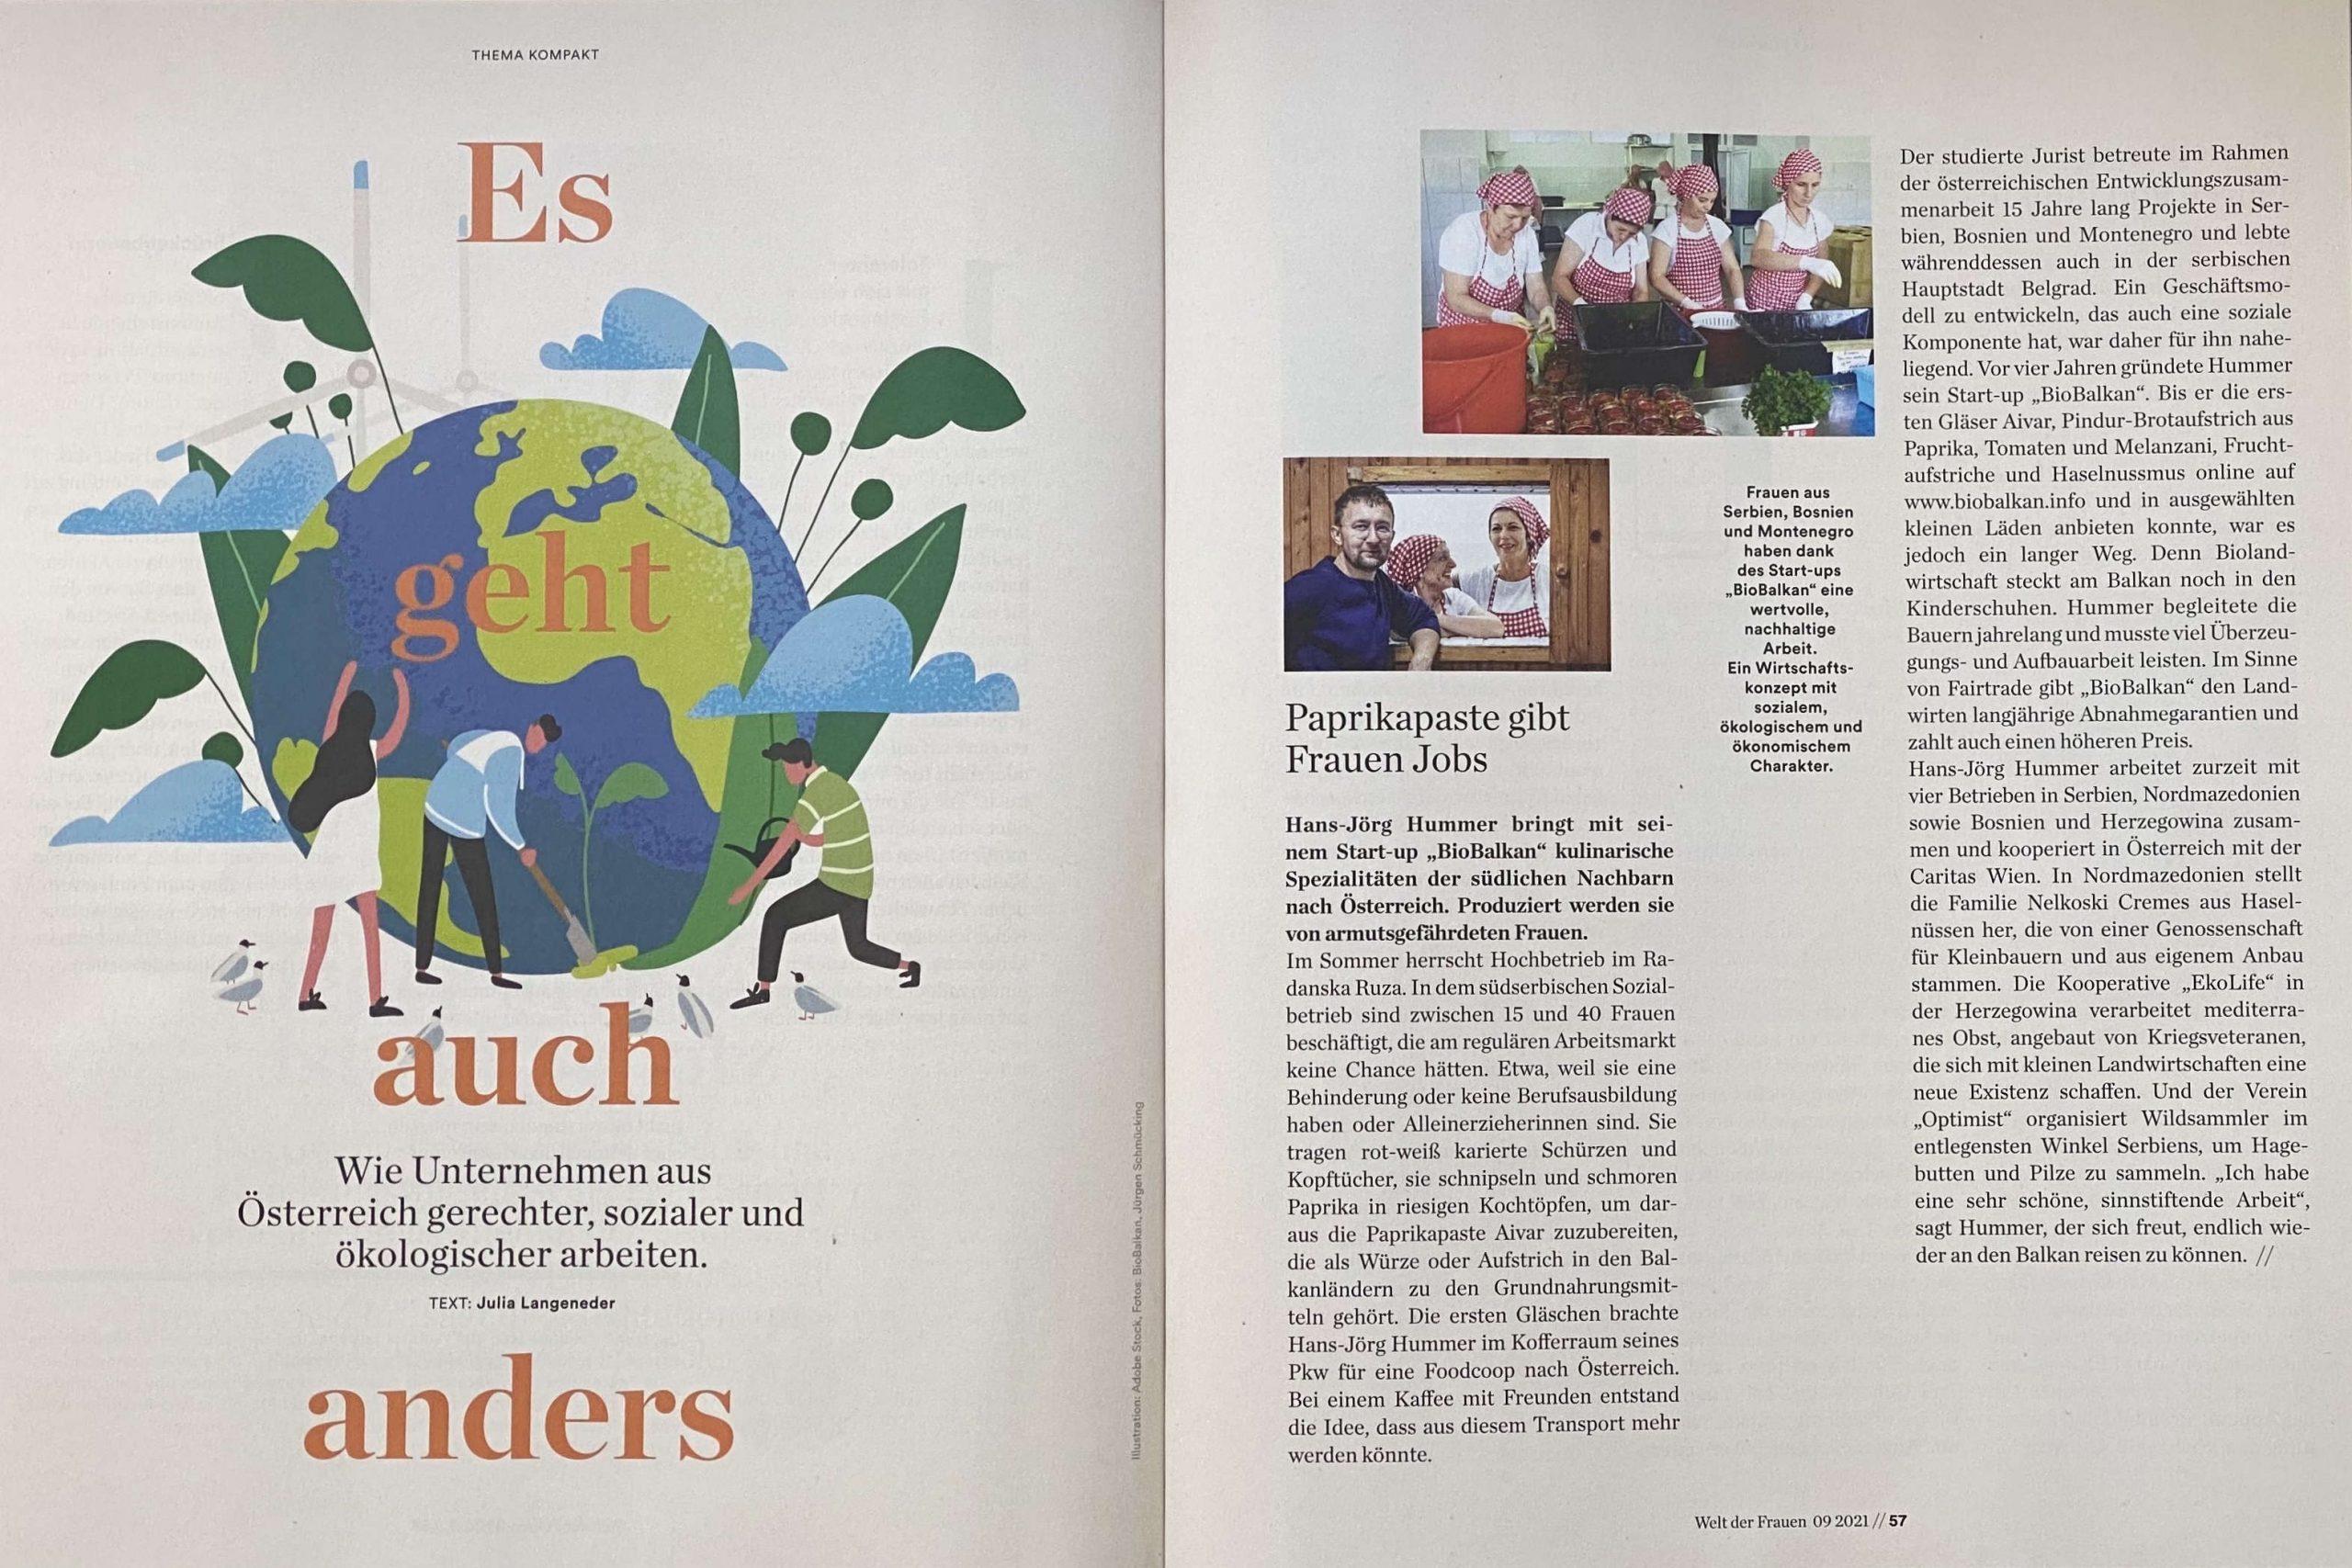 Das Magazin Welt der Frauen berichtet über BioBalkan als nachhaltiges und soziales Unternehmen.